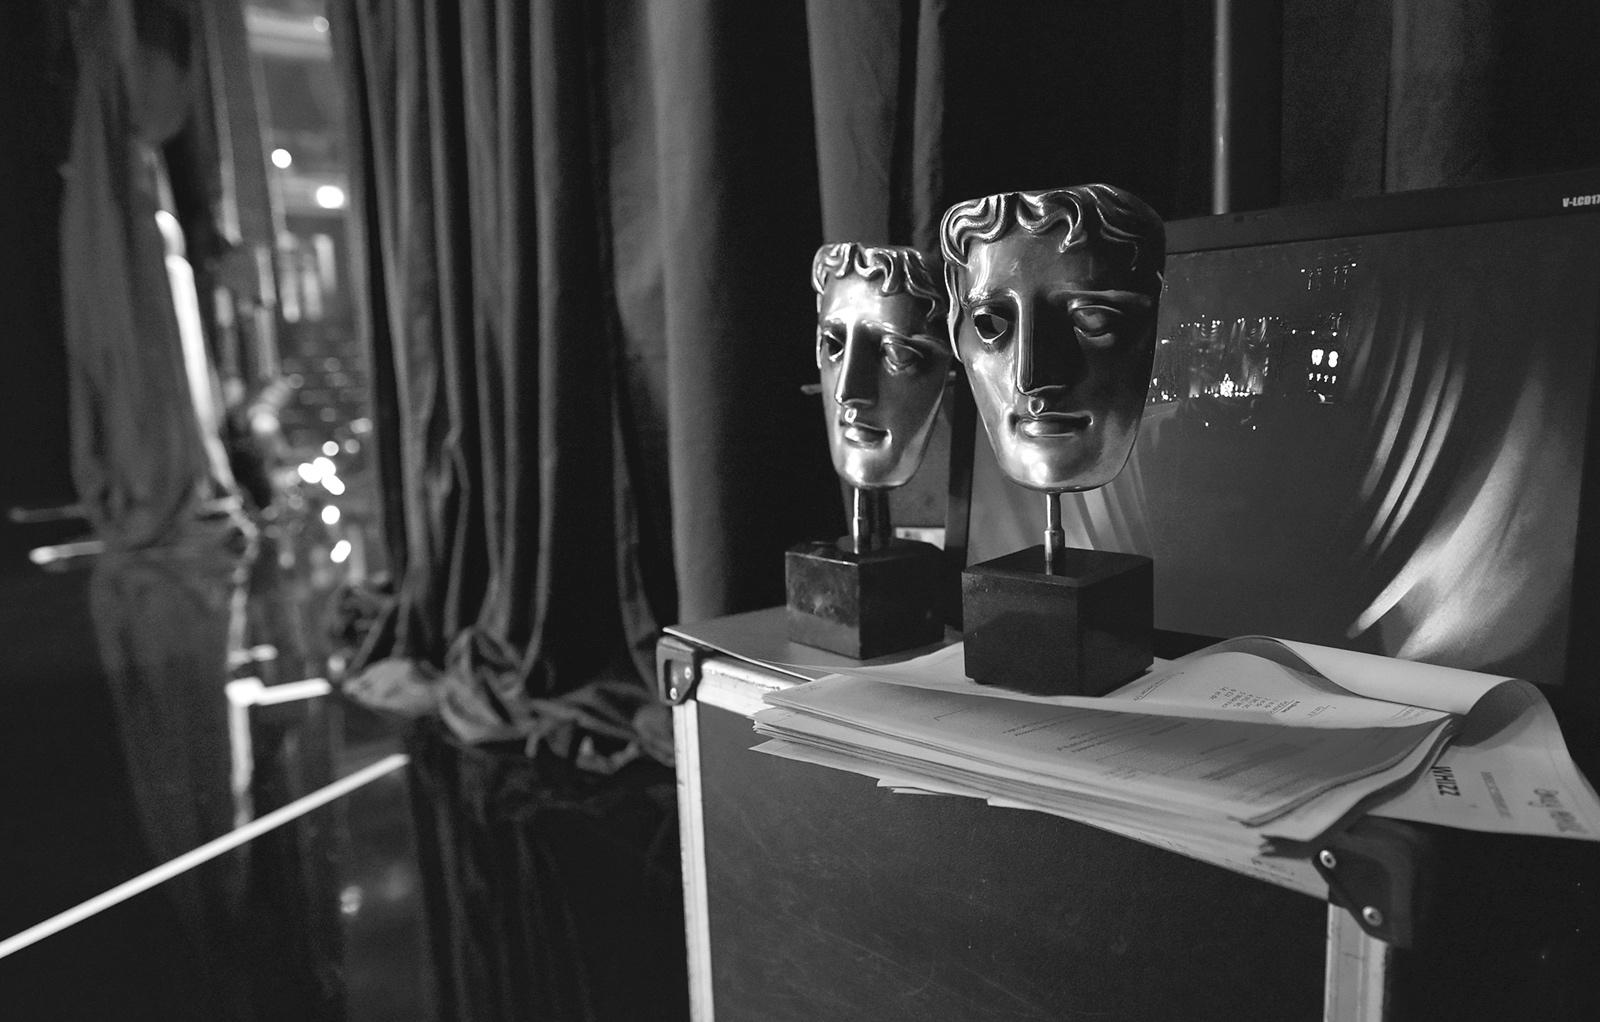 BAFTA Film Awards | BTS